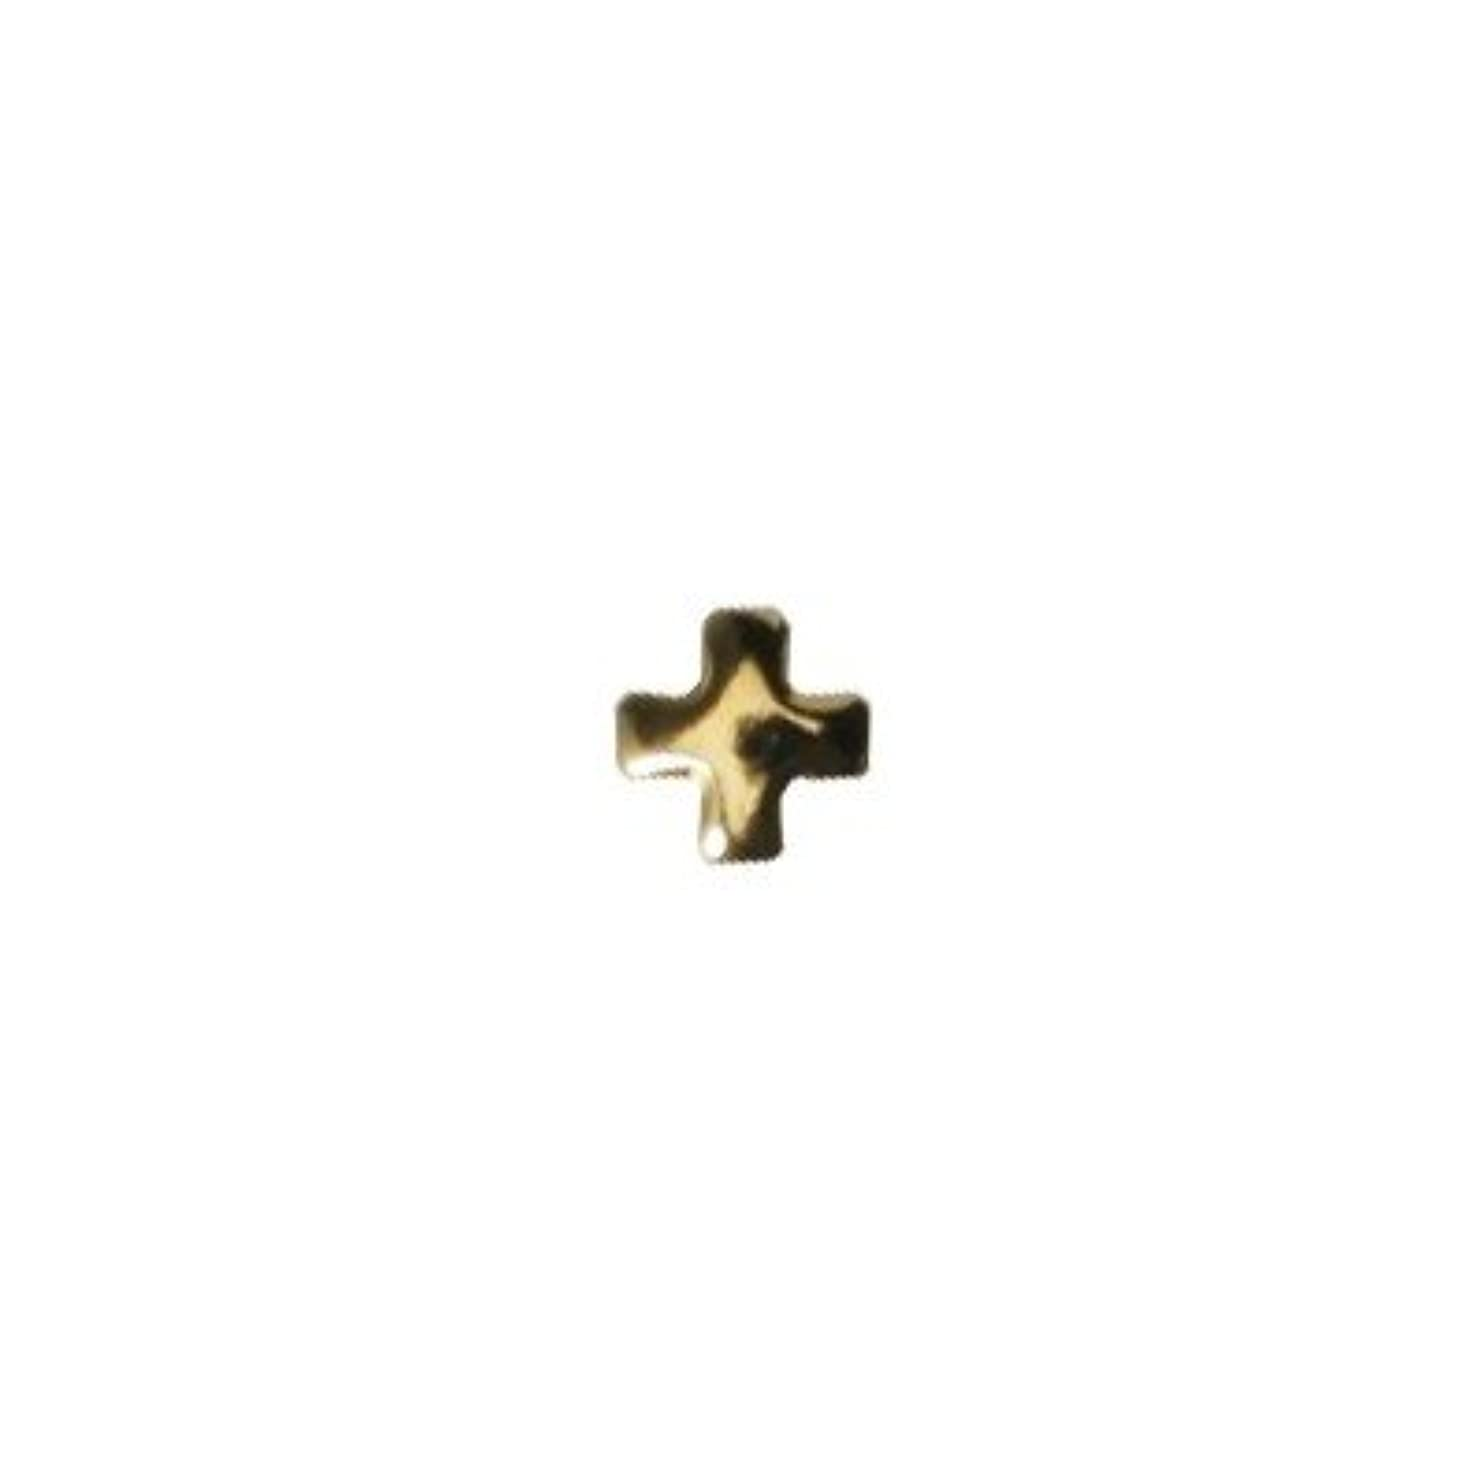 アクセント番目不可能なピアドラ スタッズ クロスレット 2mm 50P ゴールド